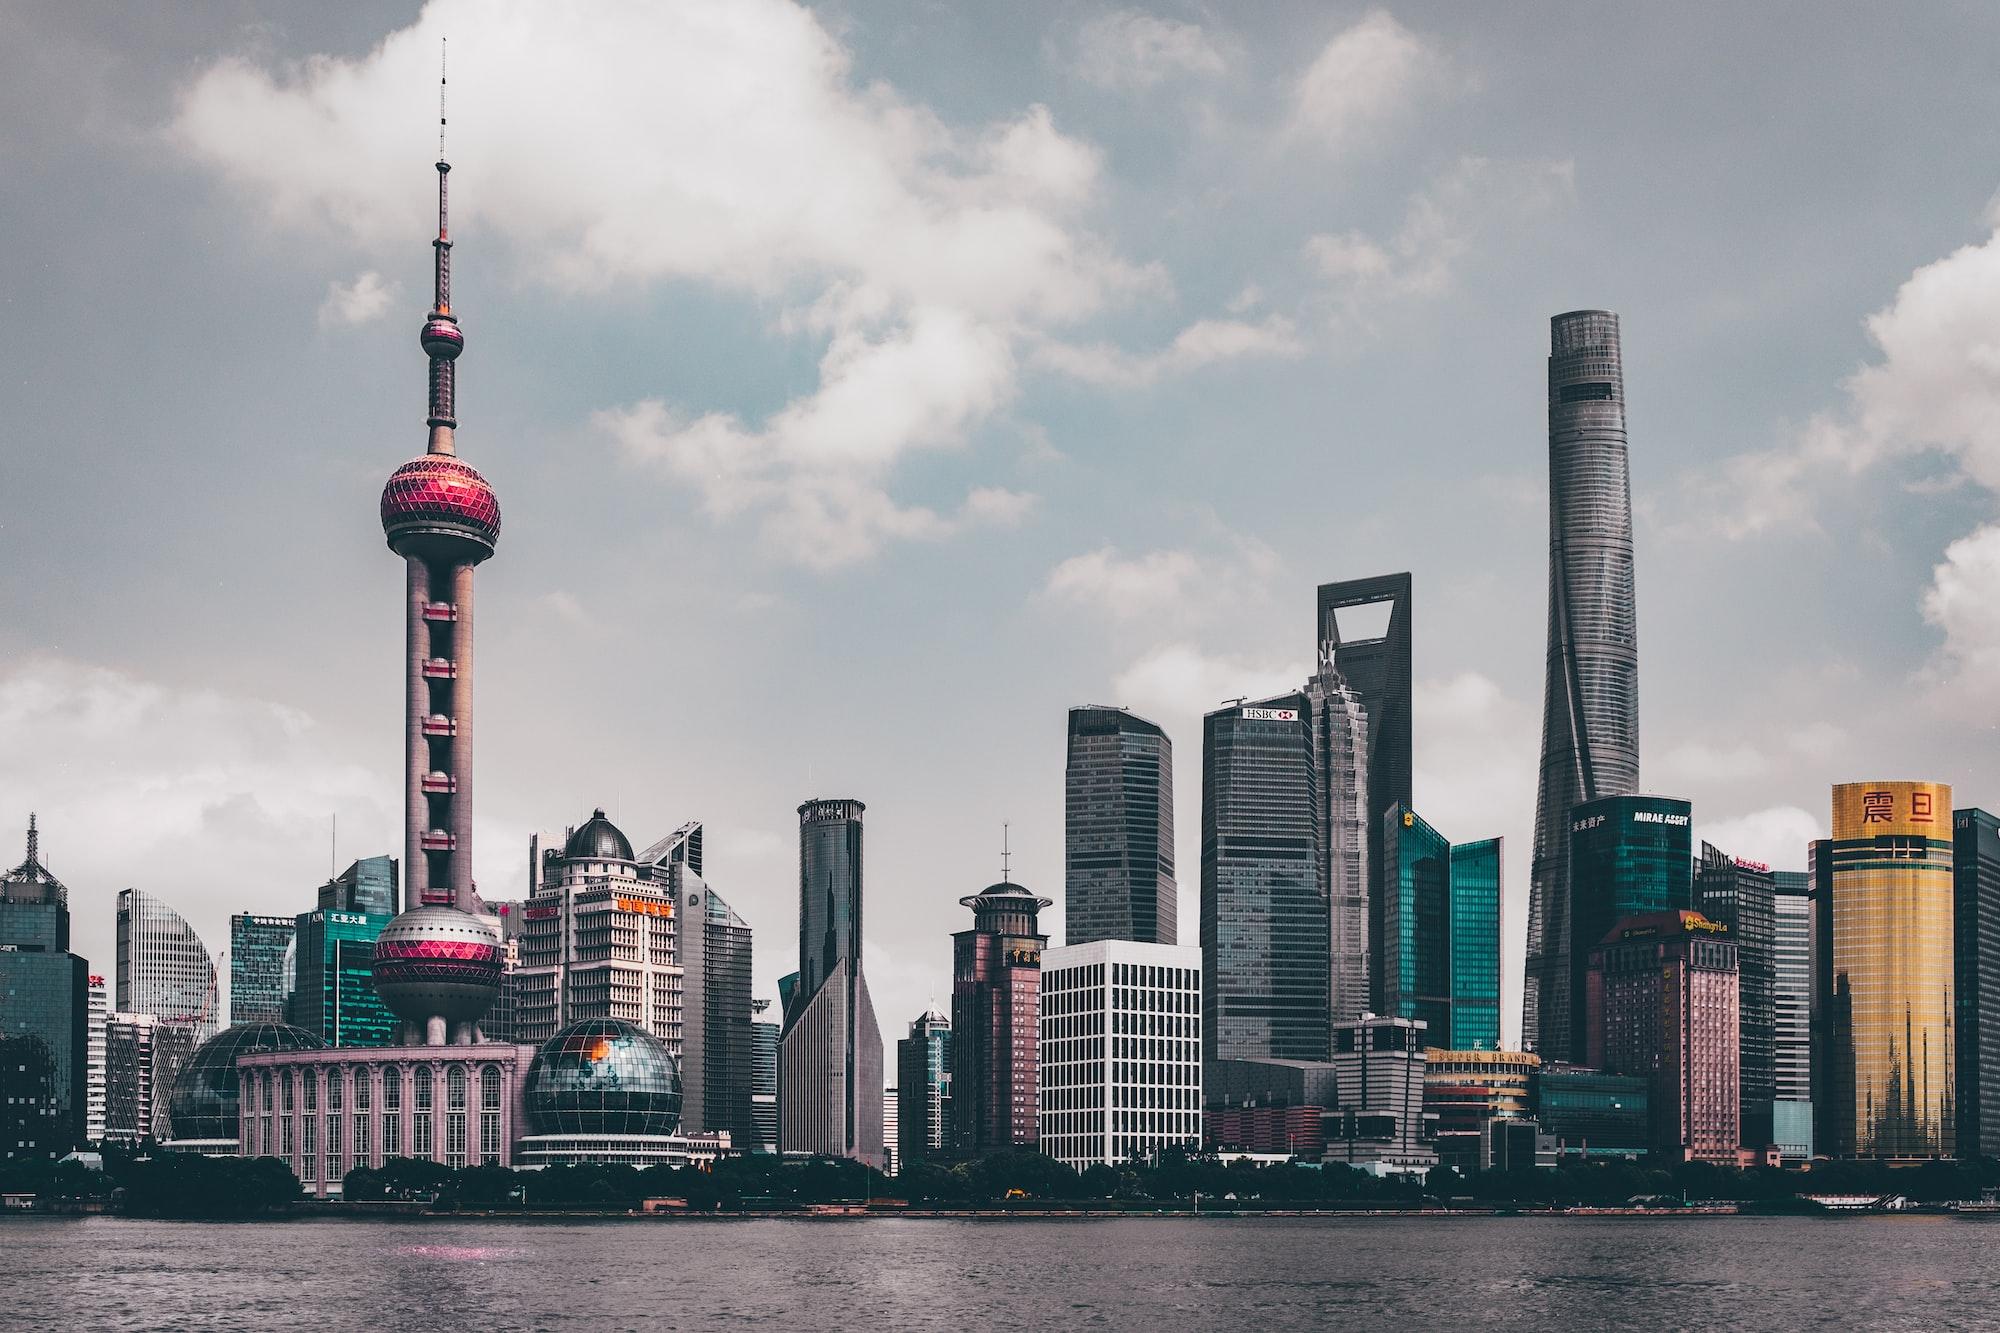 中国拟允许每人每年5万美元投资海外